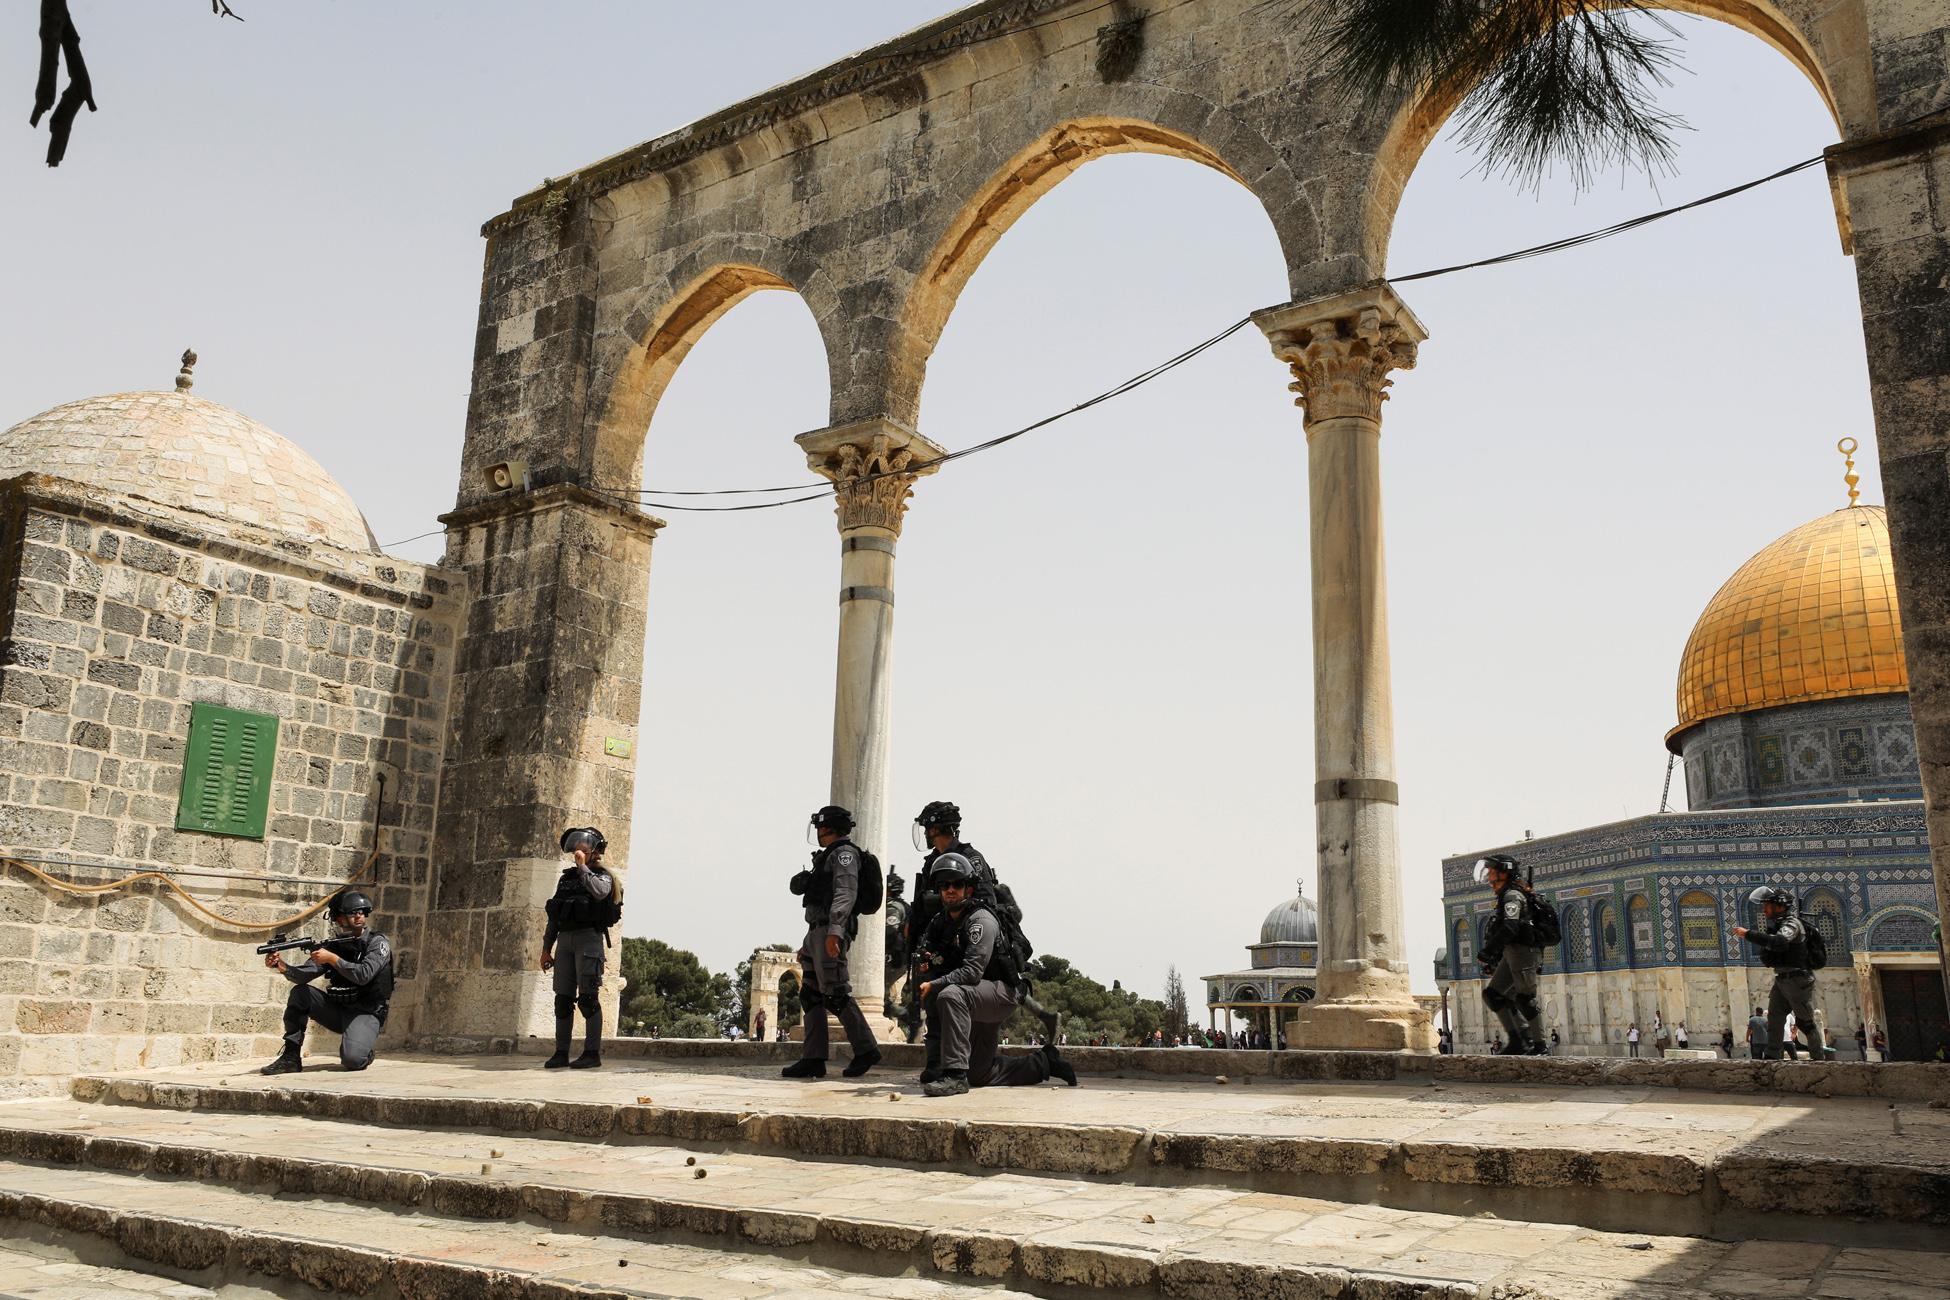 Ιερουσαλήμ: Άνοιξε και πάλι το Όρος του Ναού μετά την εκεχειρία